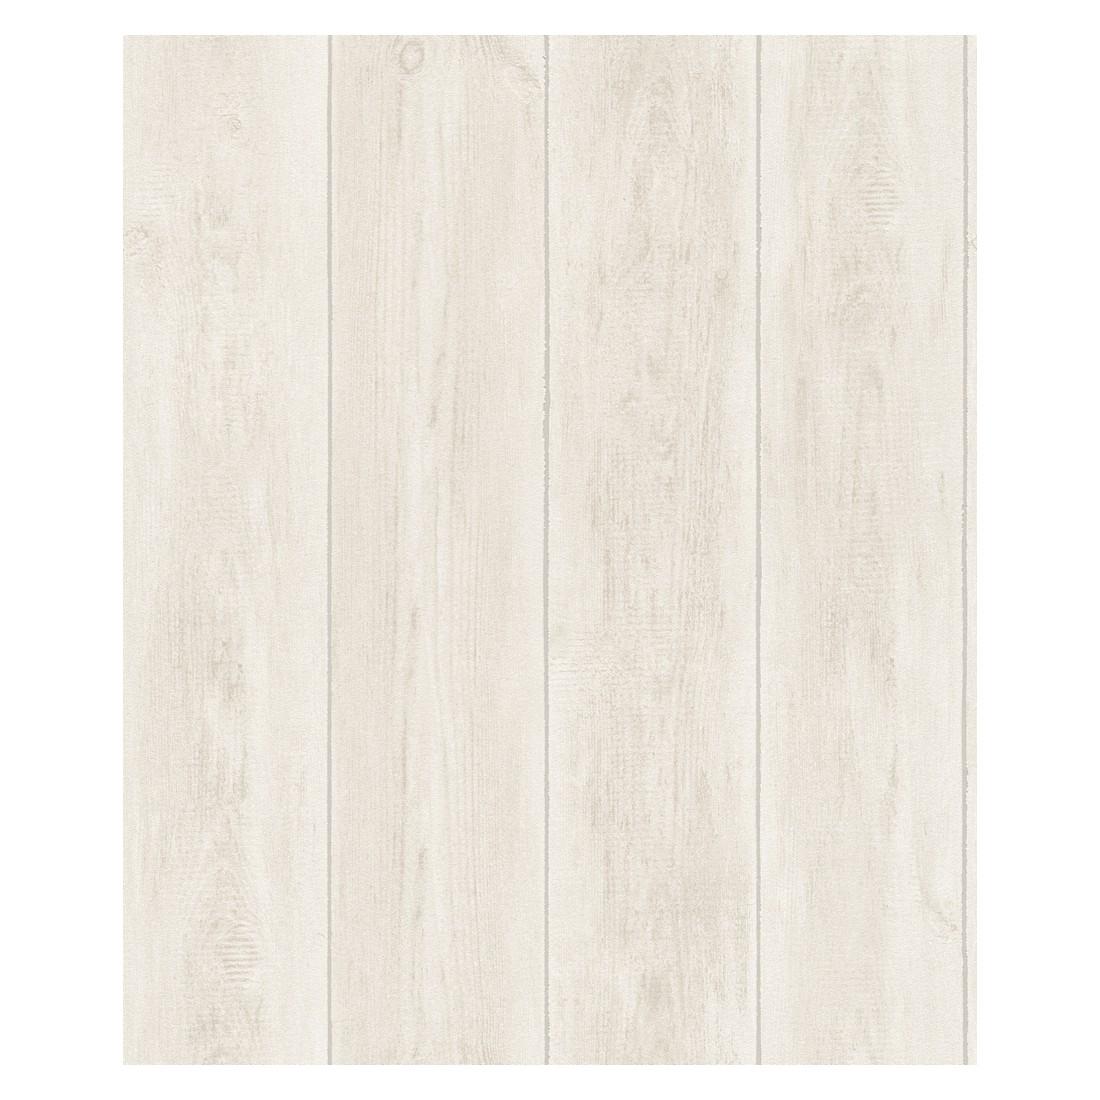 Tapete NAF-NAF – beige, creme, weiß – glatt, Home24Deko günstig kaufen